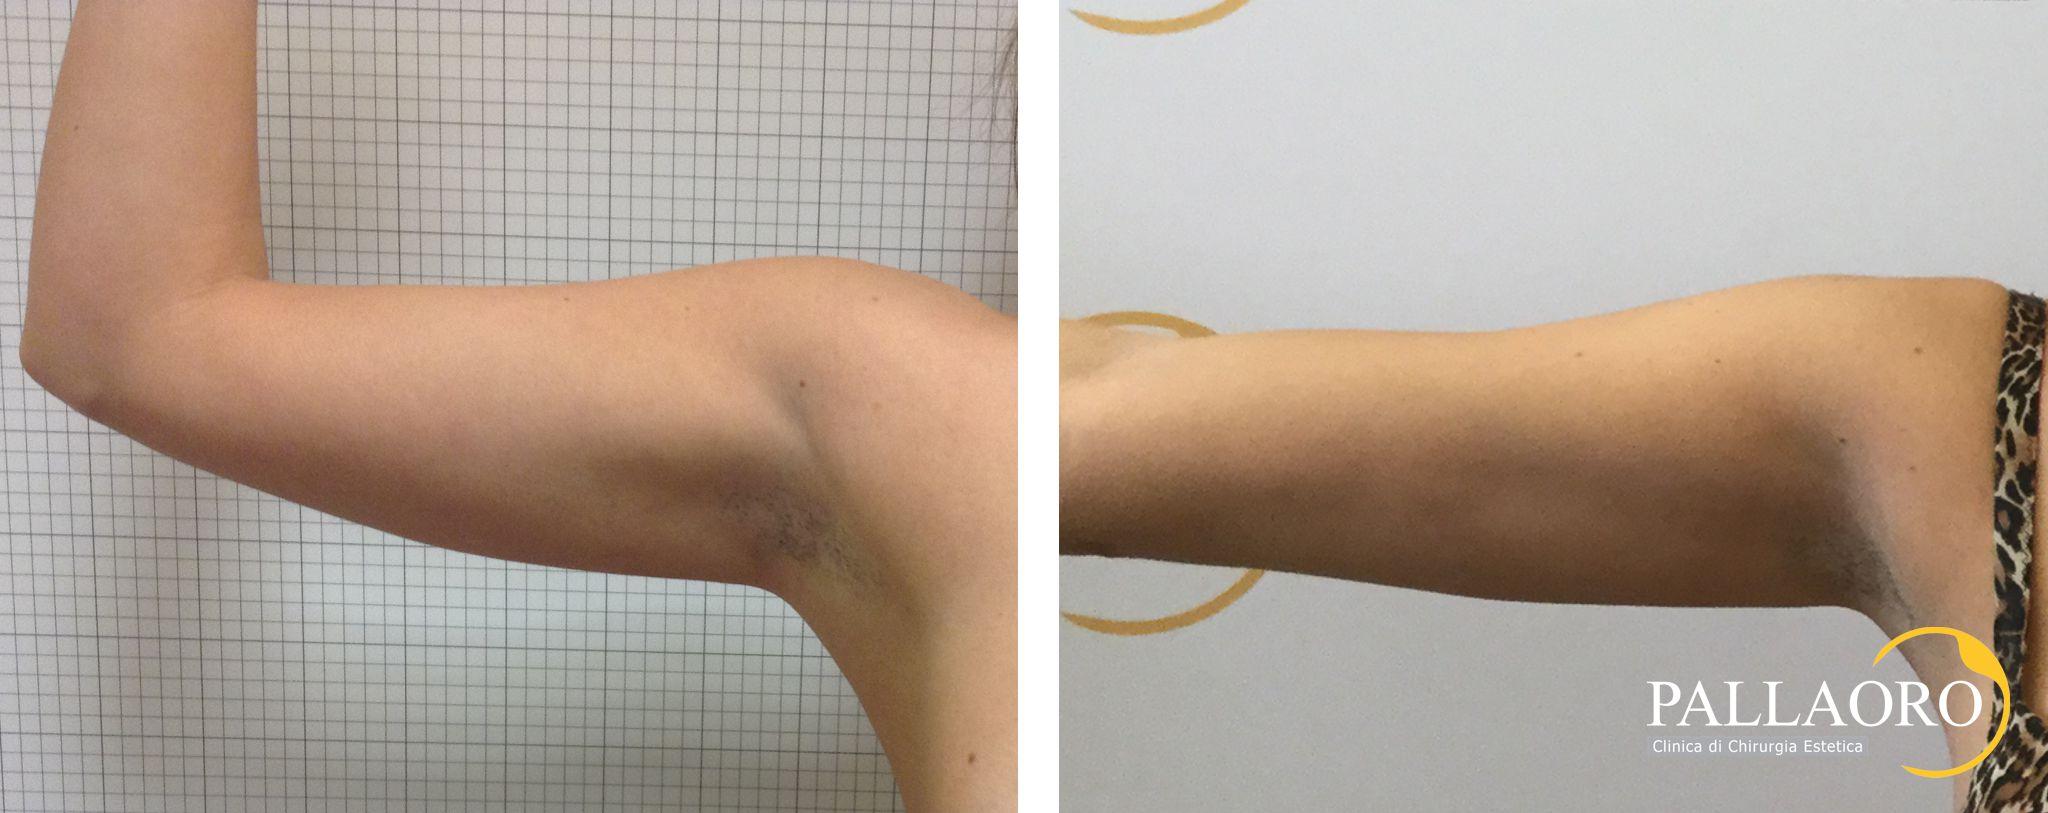 liposuzione risultati foto braccia